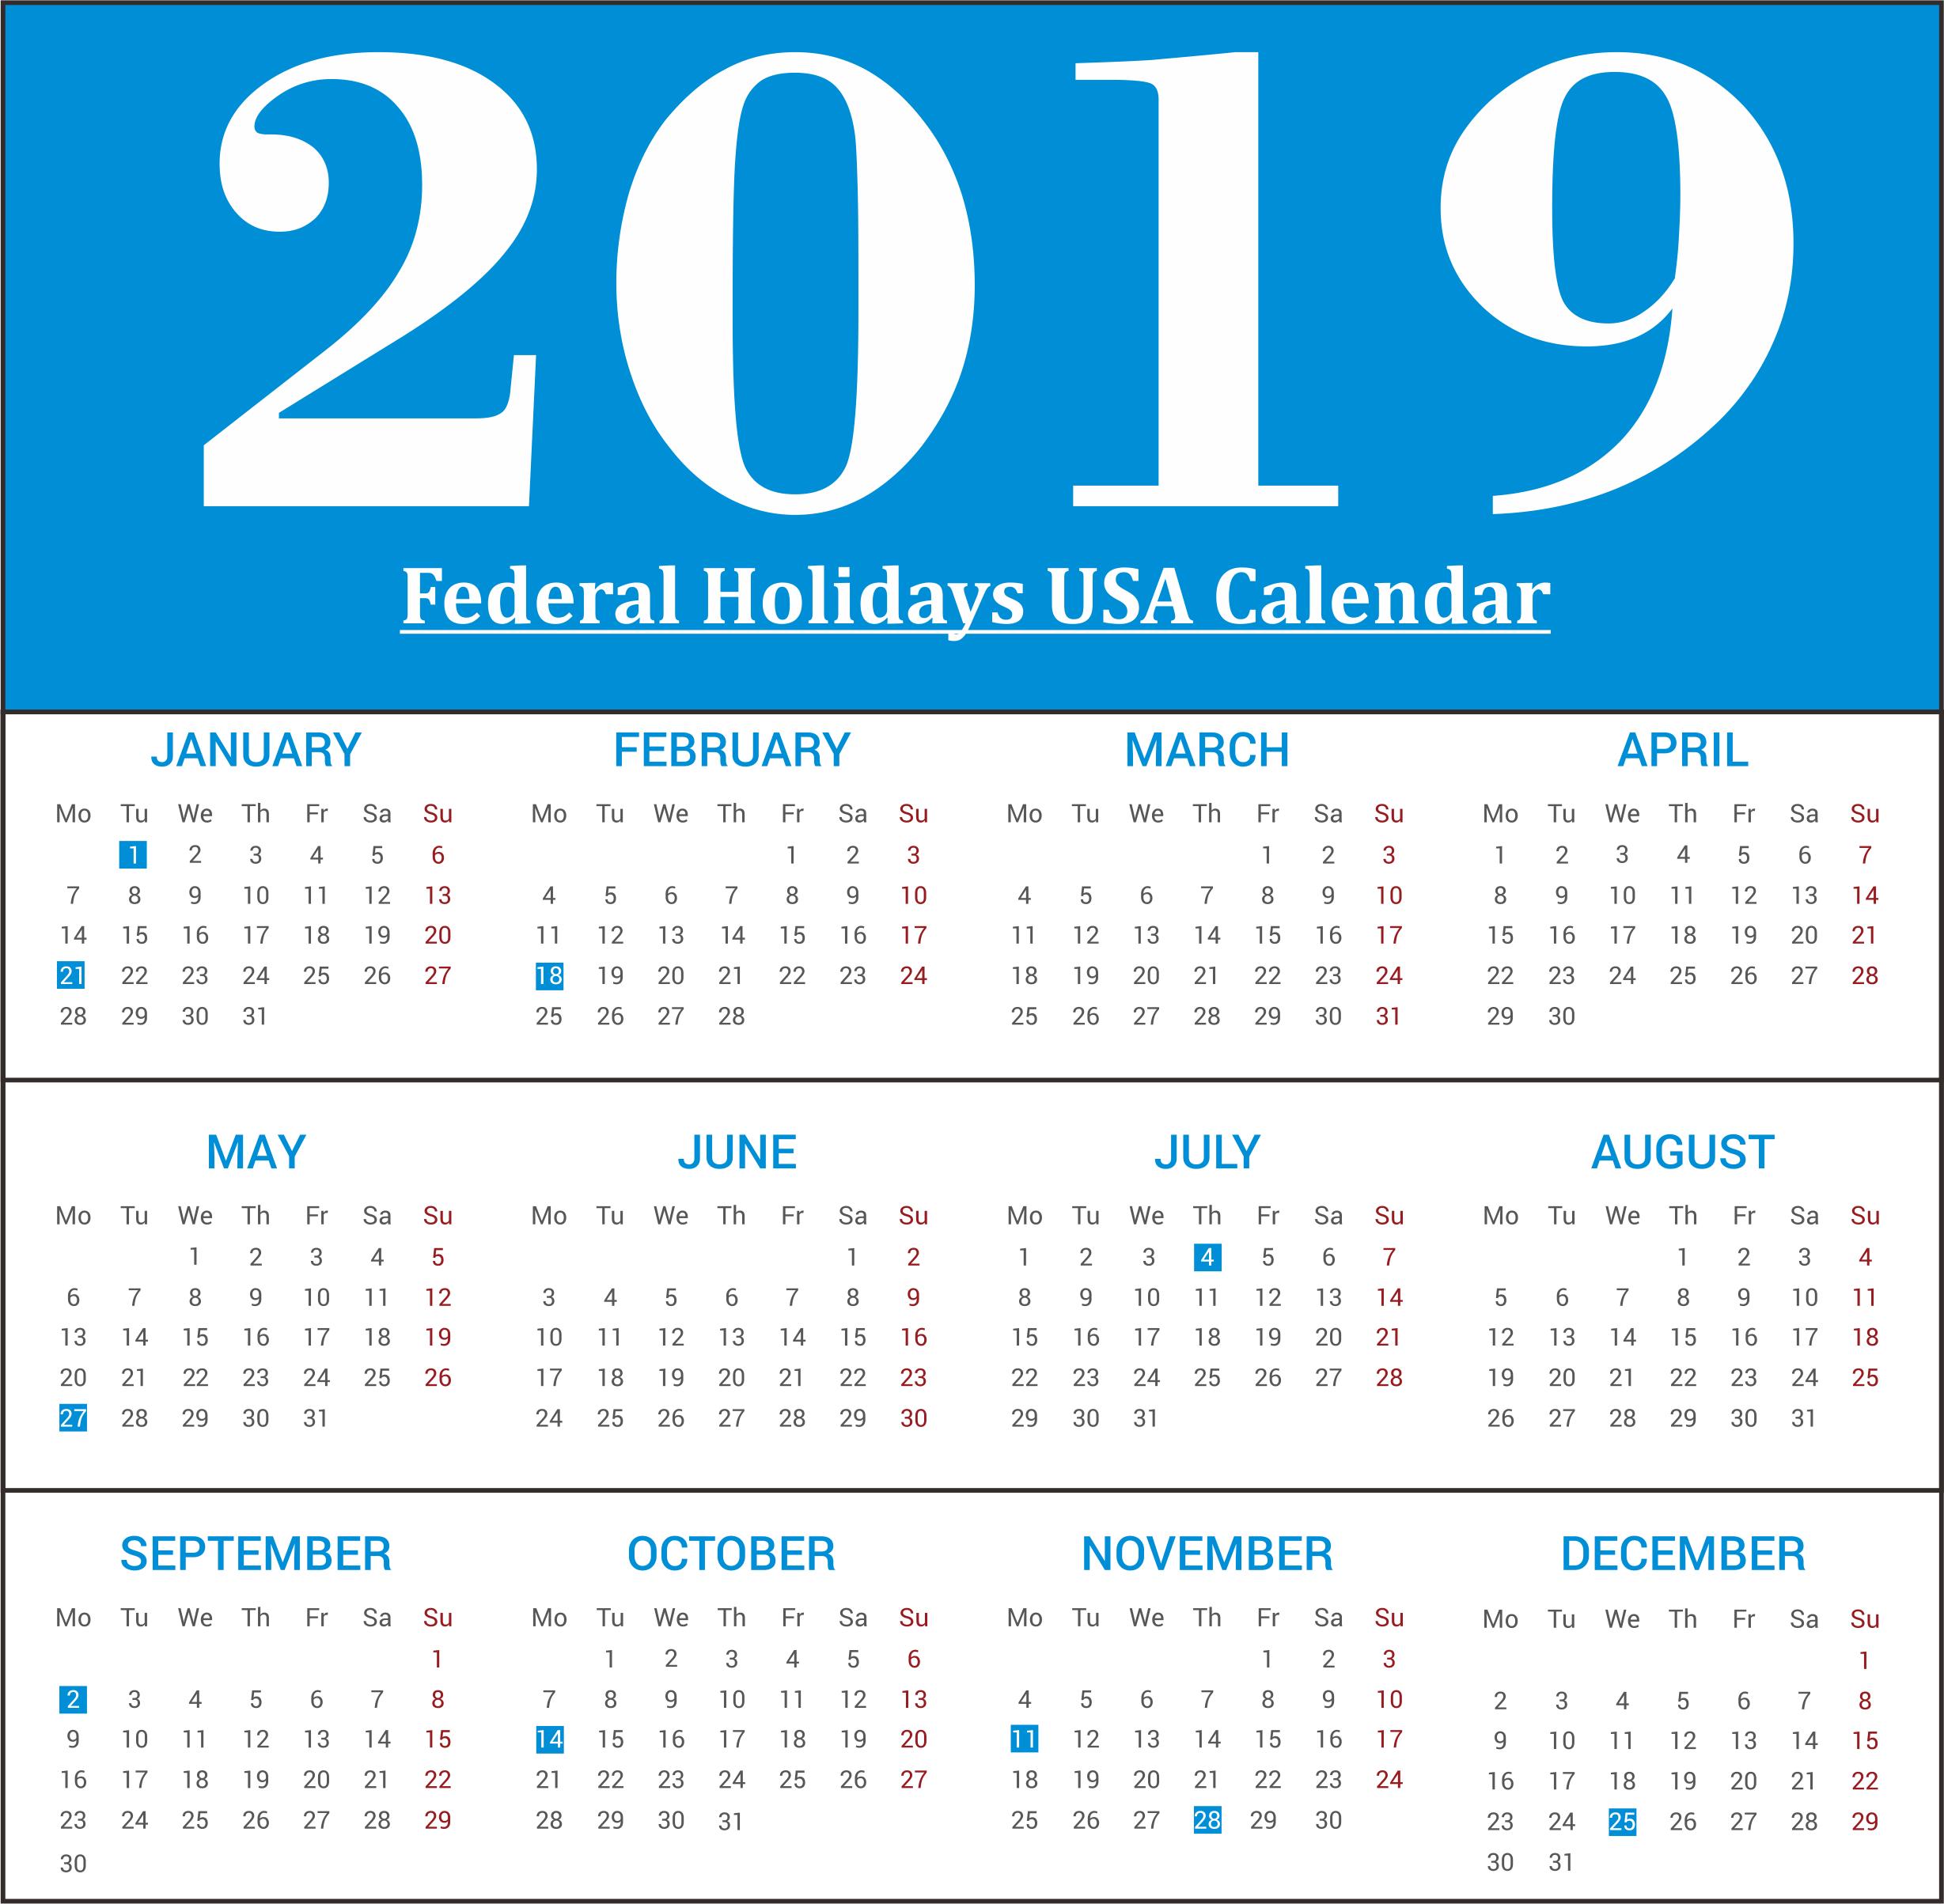 2019 USA Federal Holidays Calendar